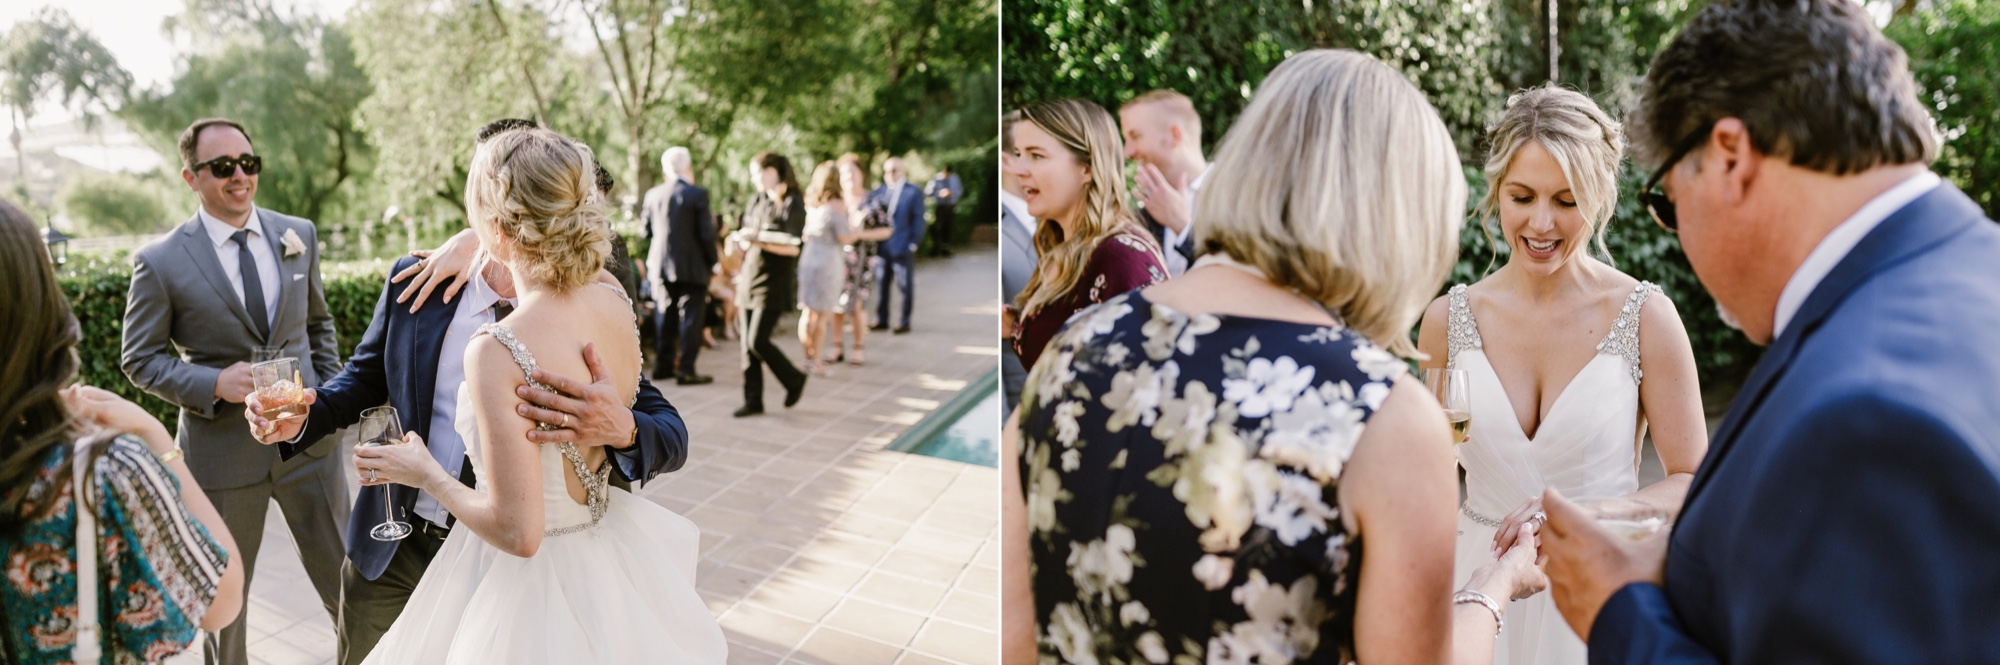 073_Amanda and Matt Wedding-455_Amanda and Matt Wedding-461.jpg